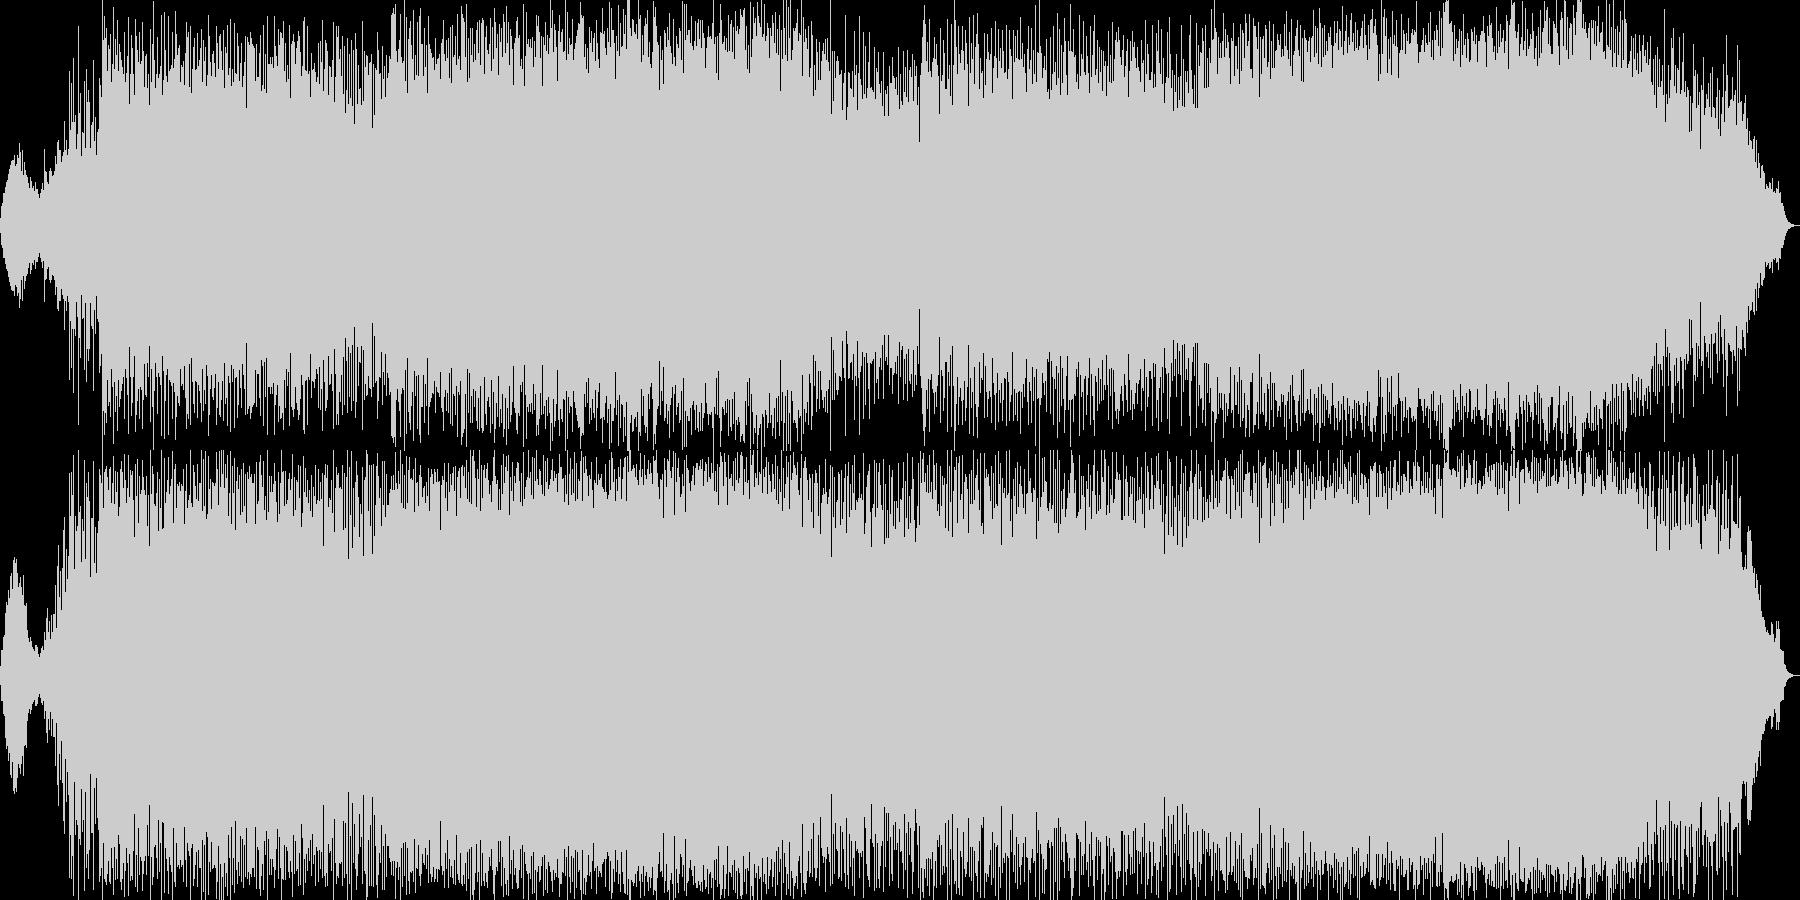 軽快で雄大なニューエイジ音楽の未再生の波形